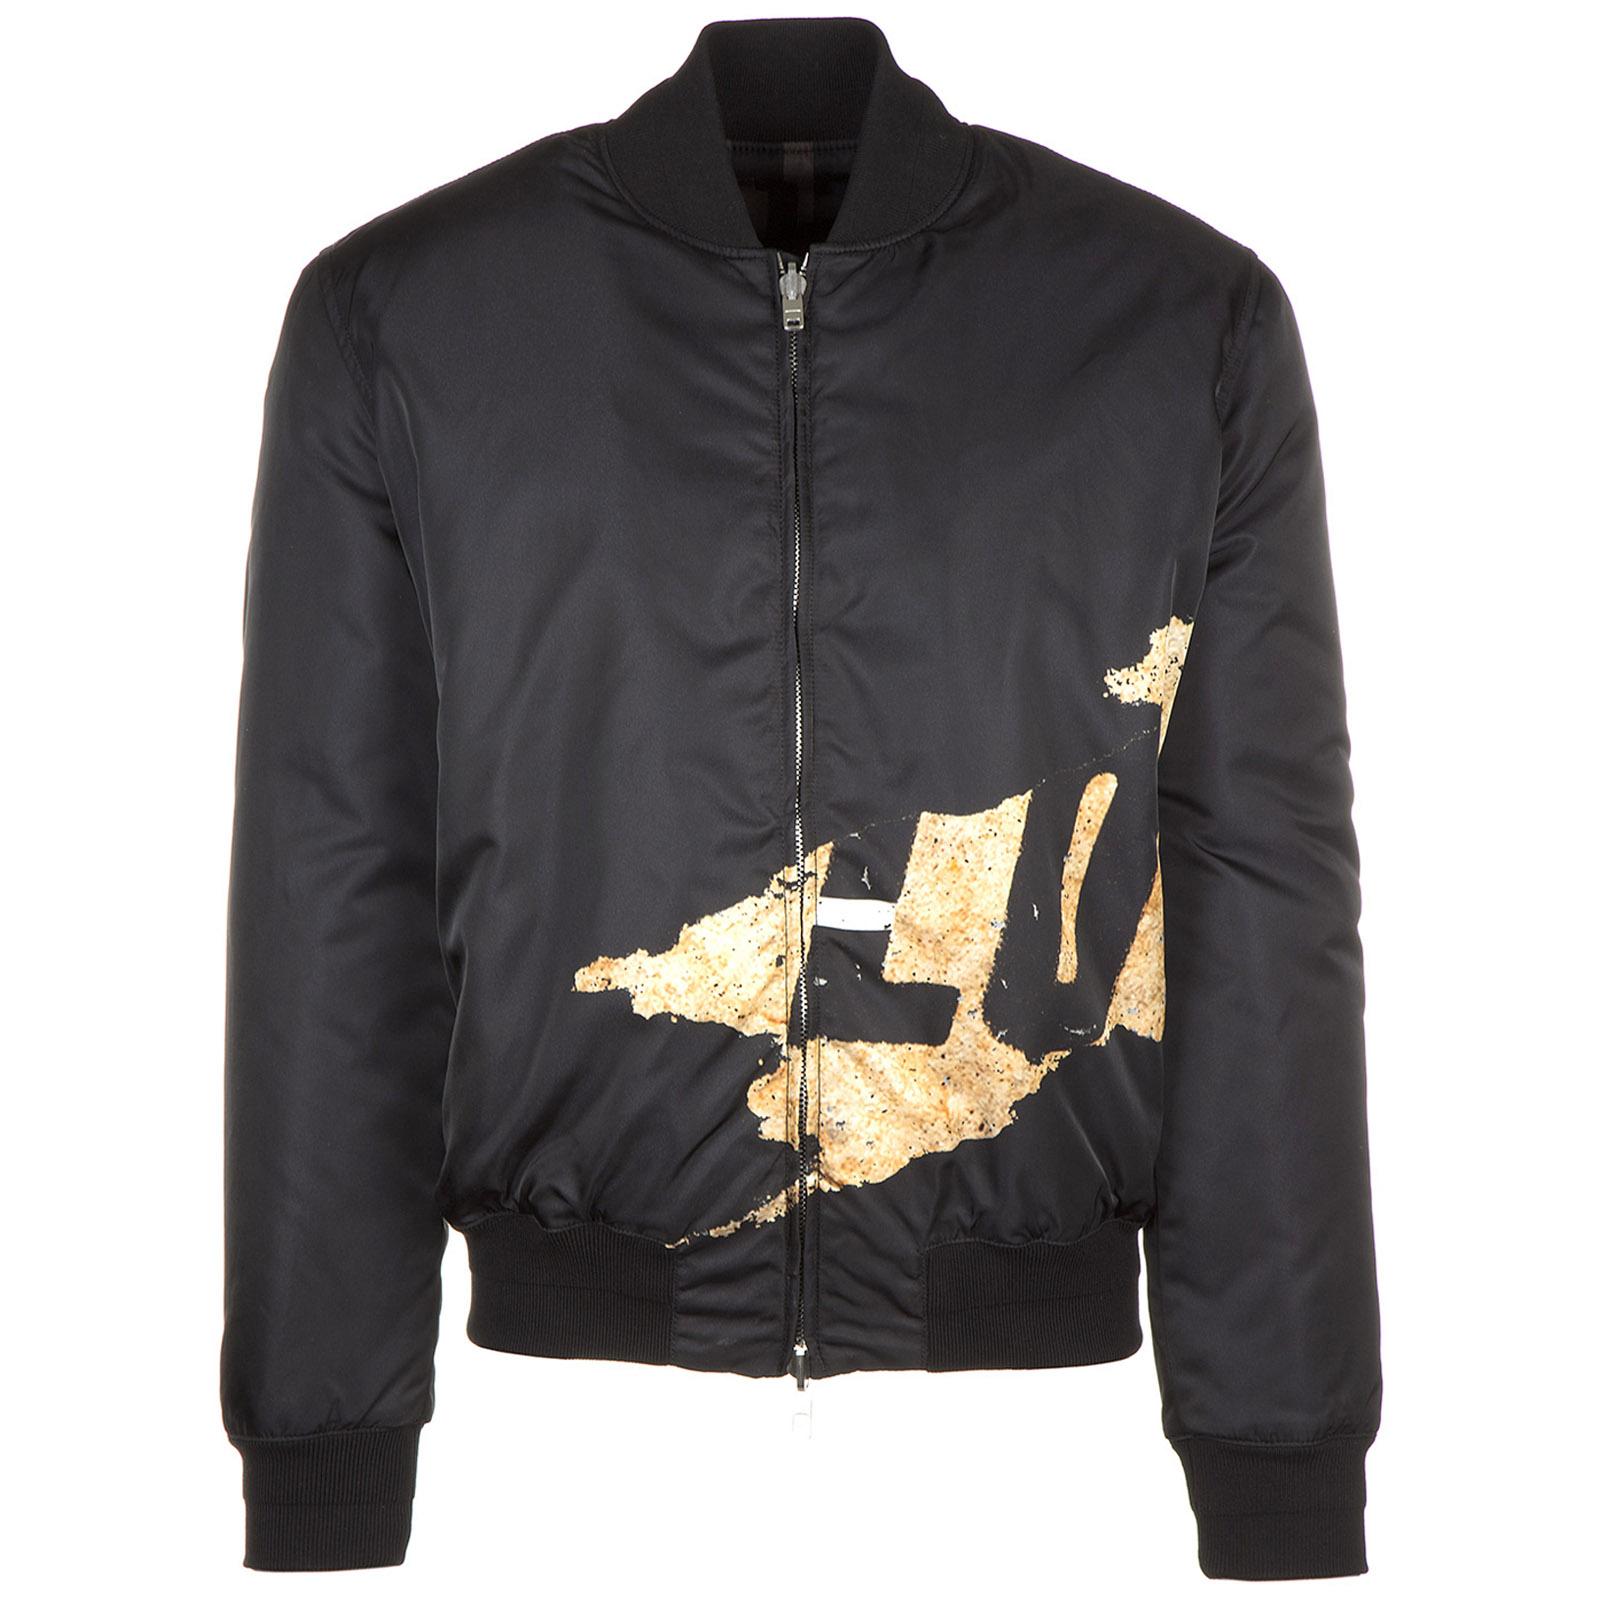 Cazadoras chaqueta de hombre  reversibile